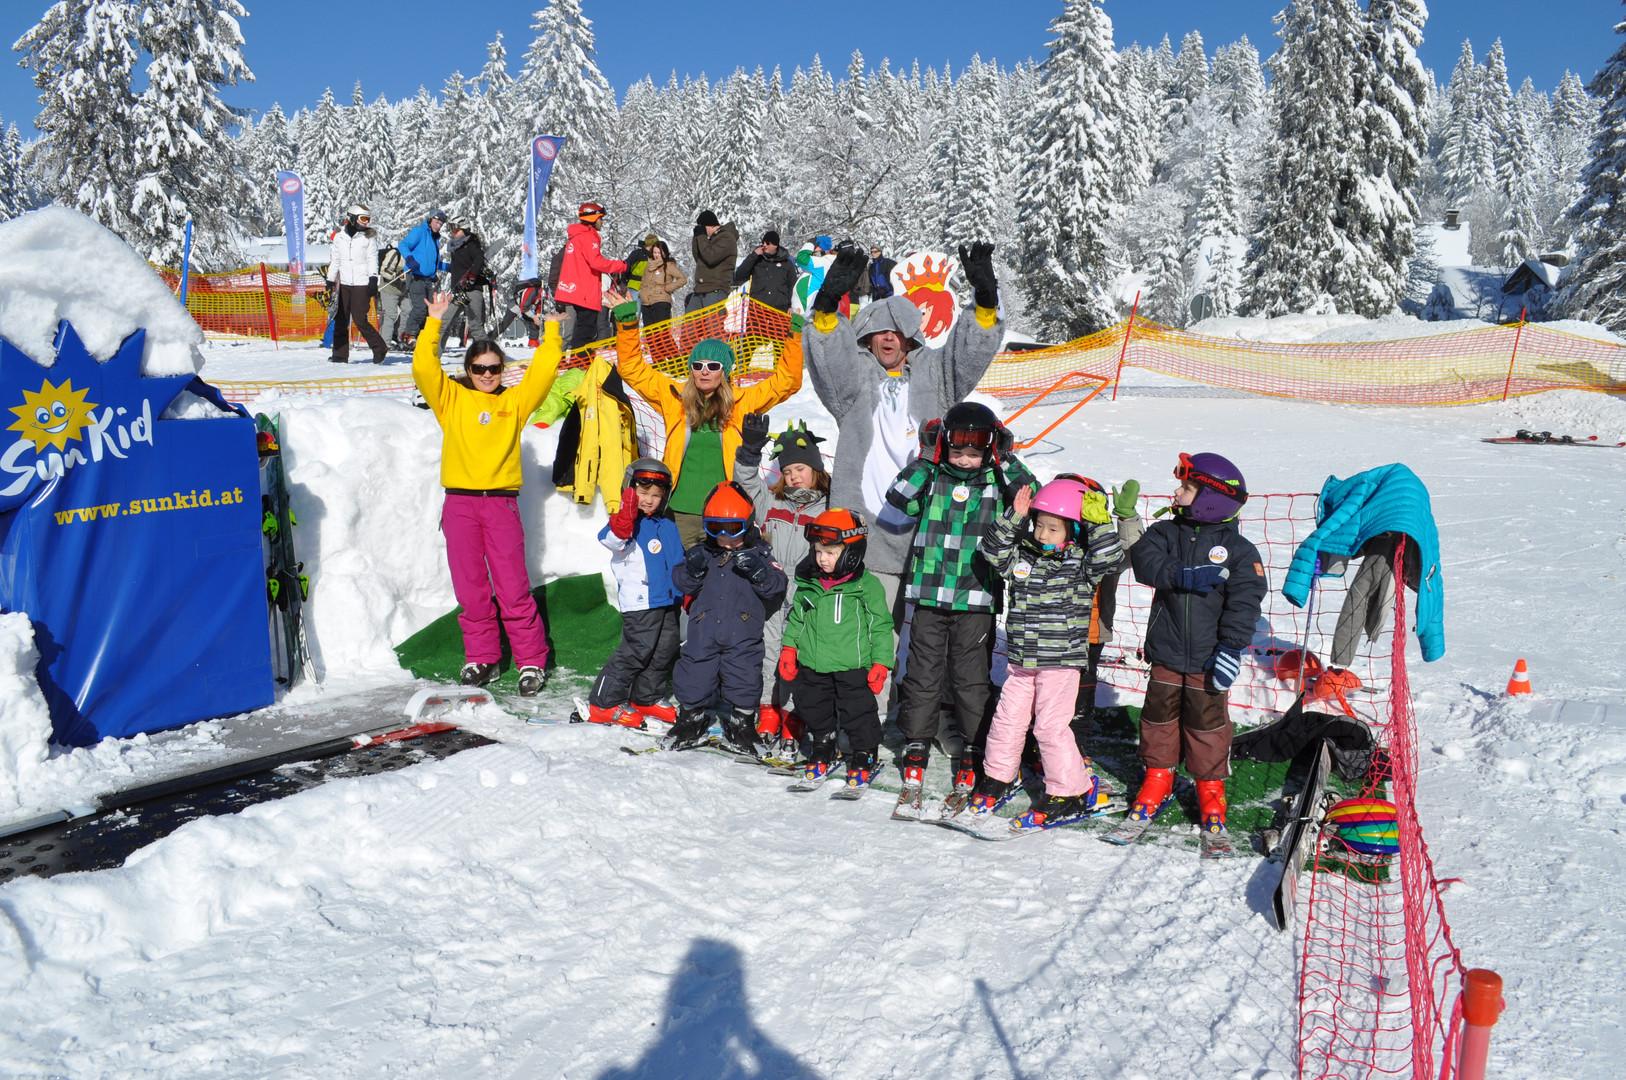 skischule_onsnow_feldberg__DSC_0202.JPG